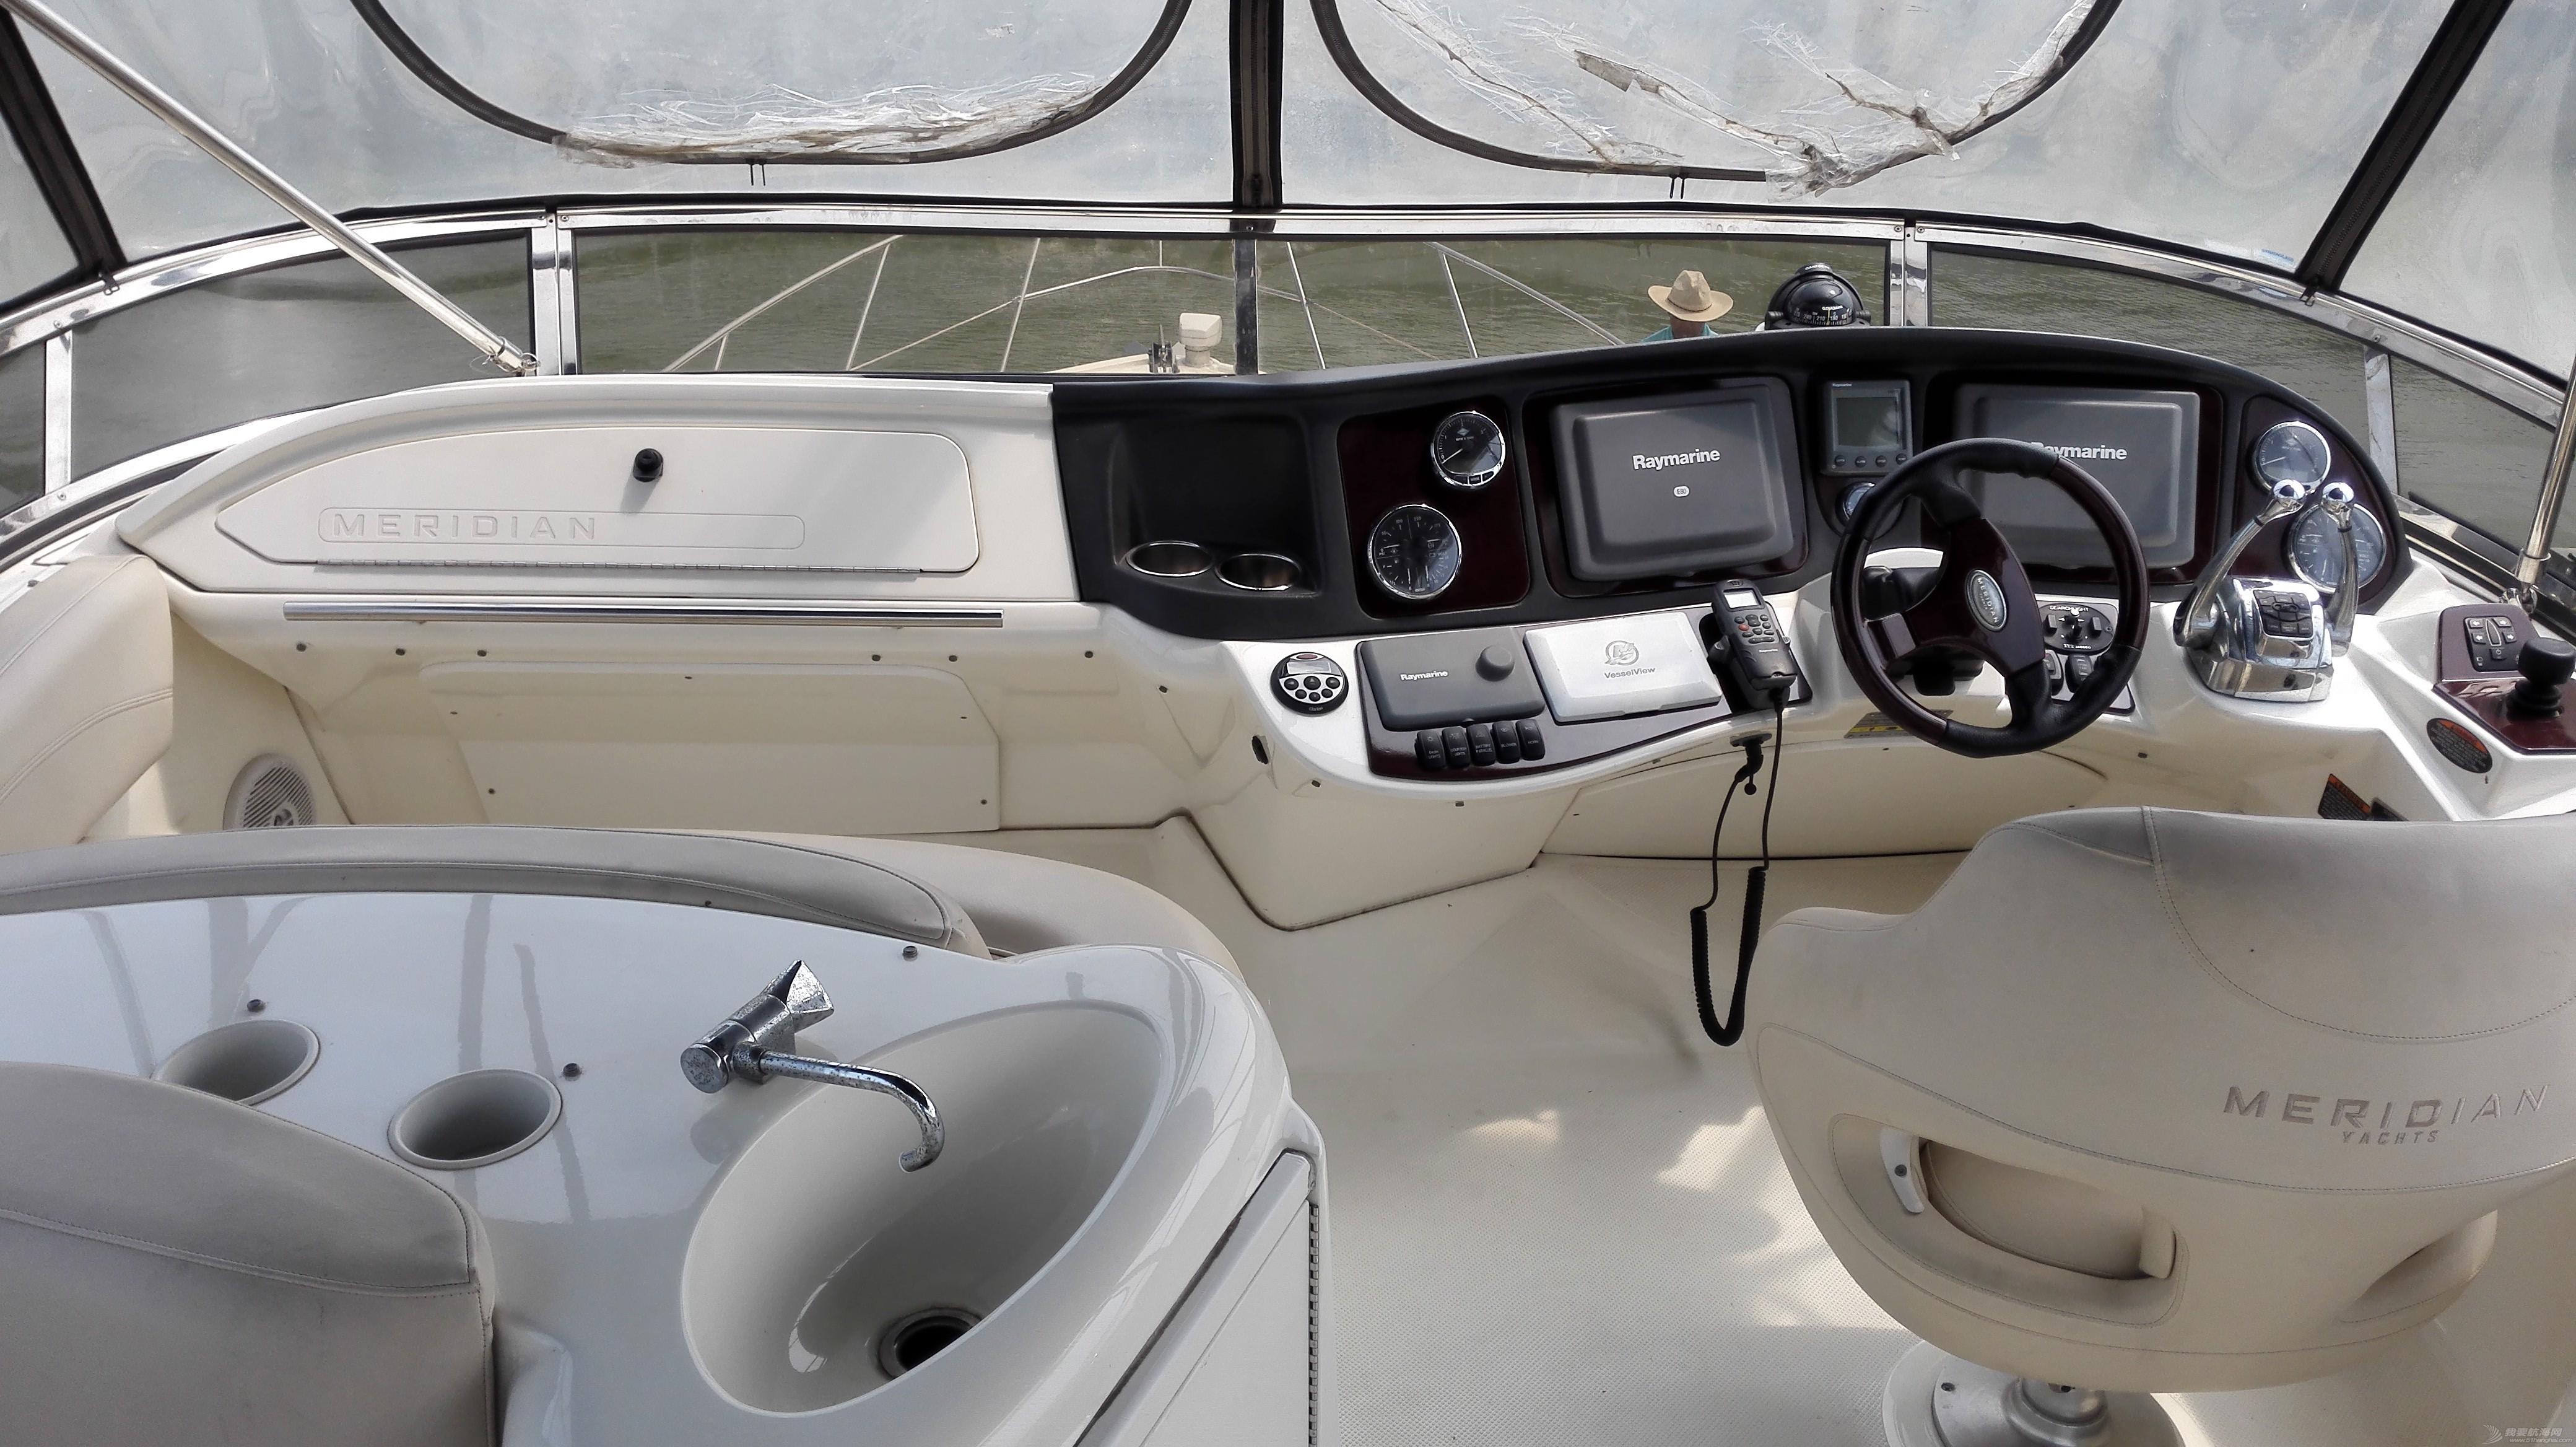 性价比 性价比超高的游艇 IMG_20150601_135418.jpg